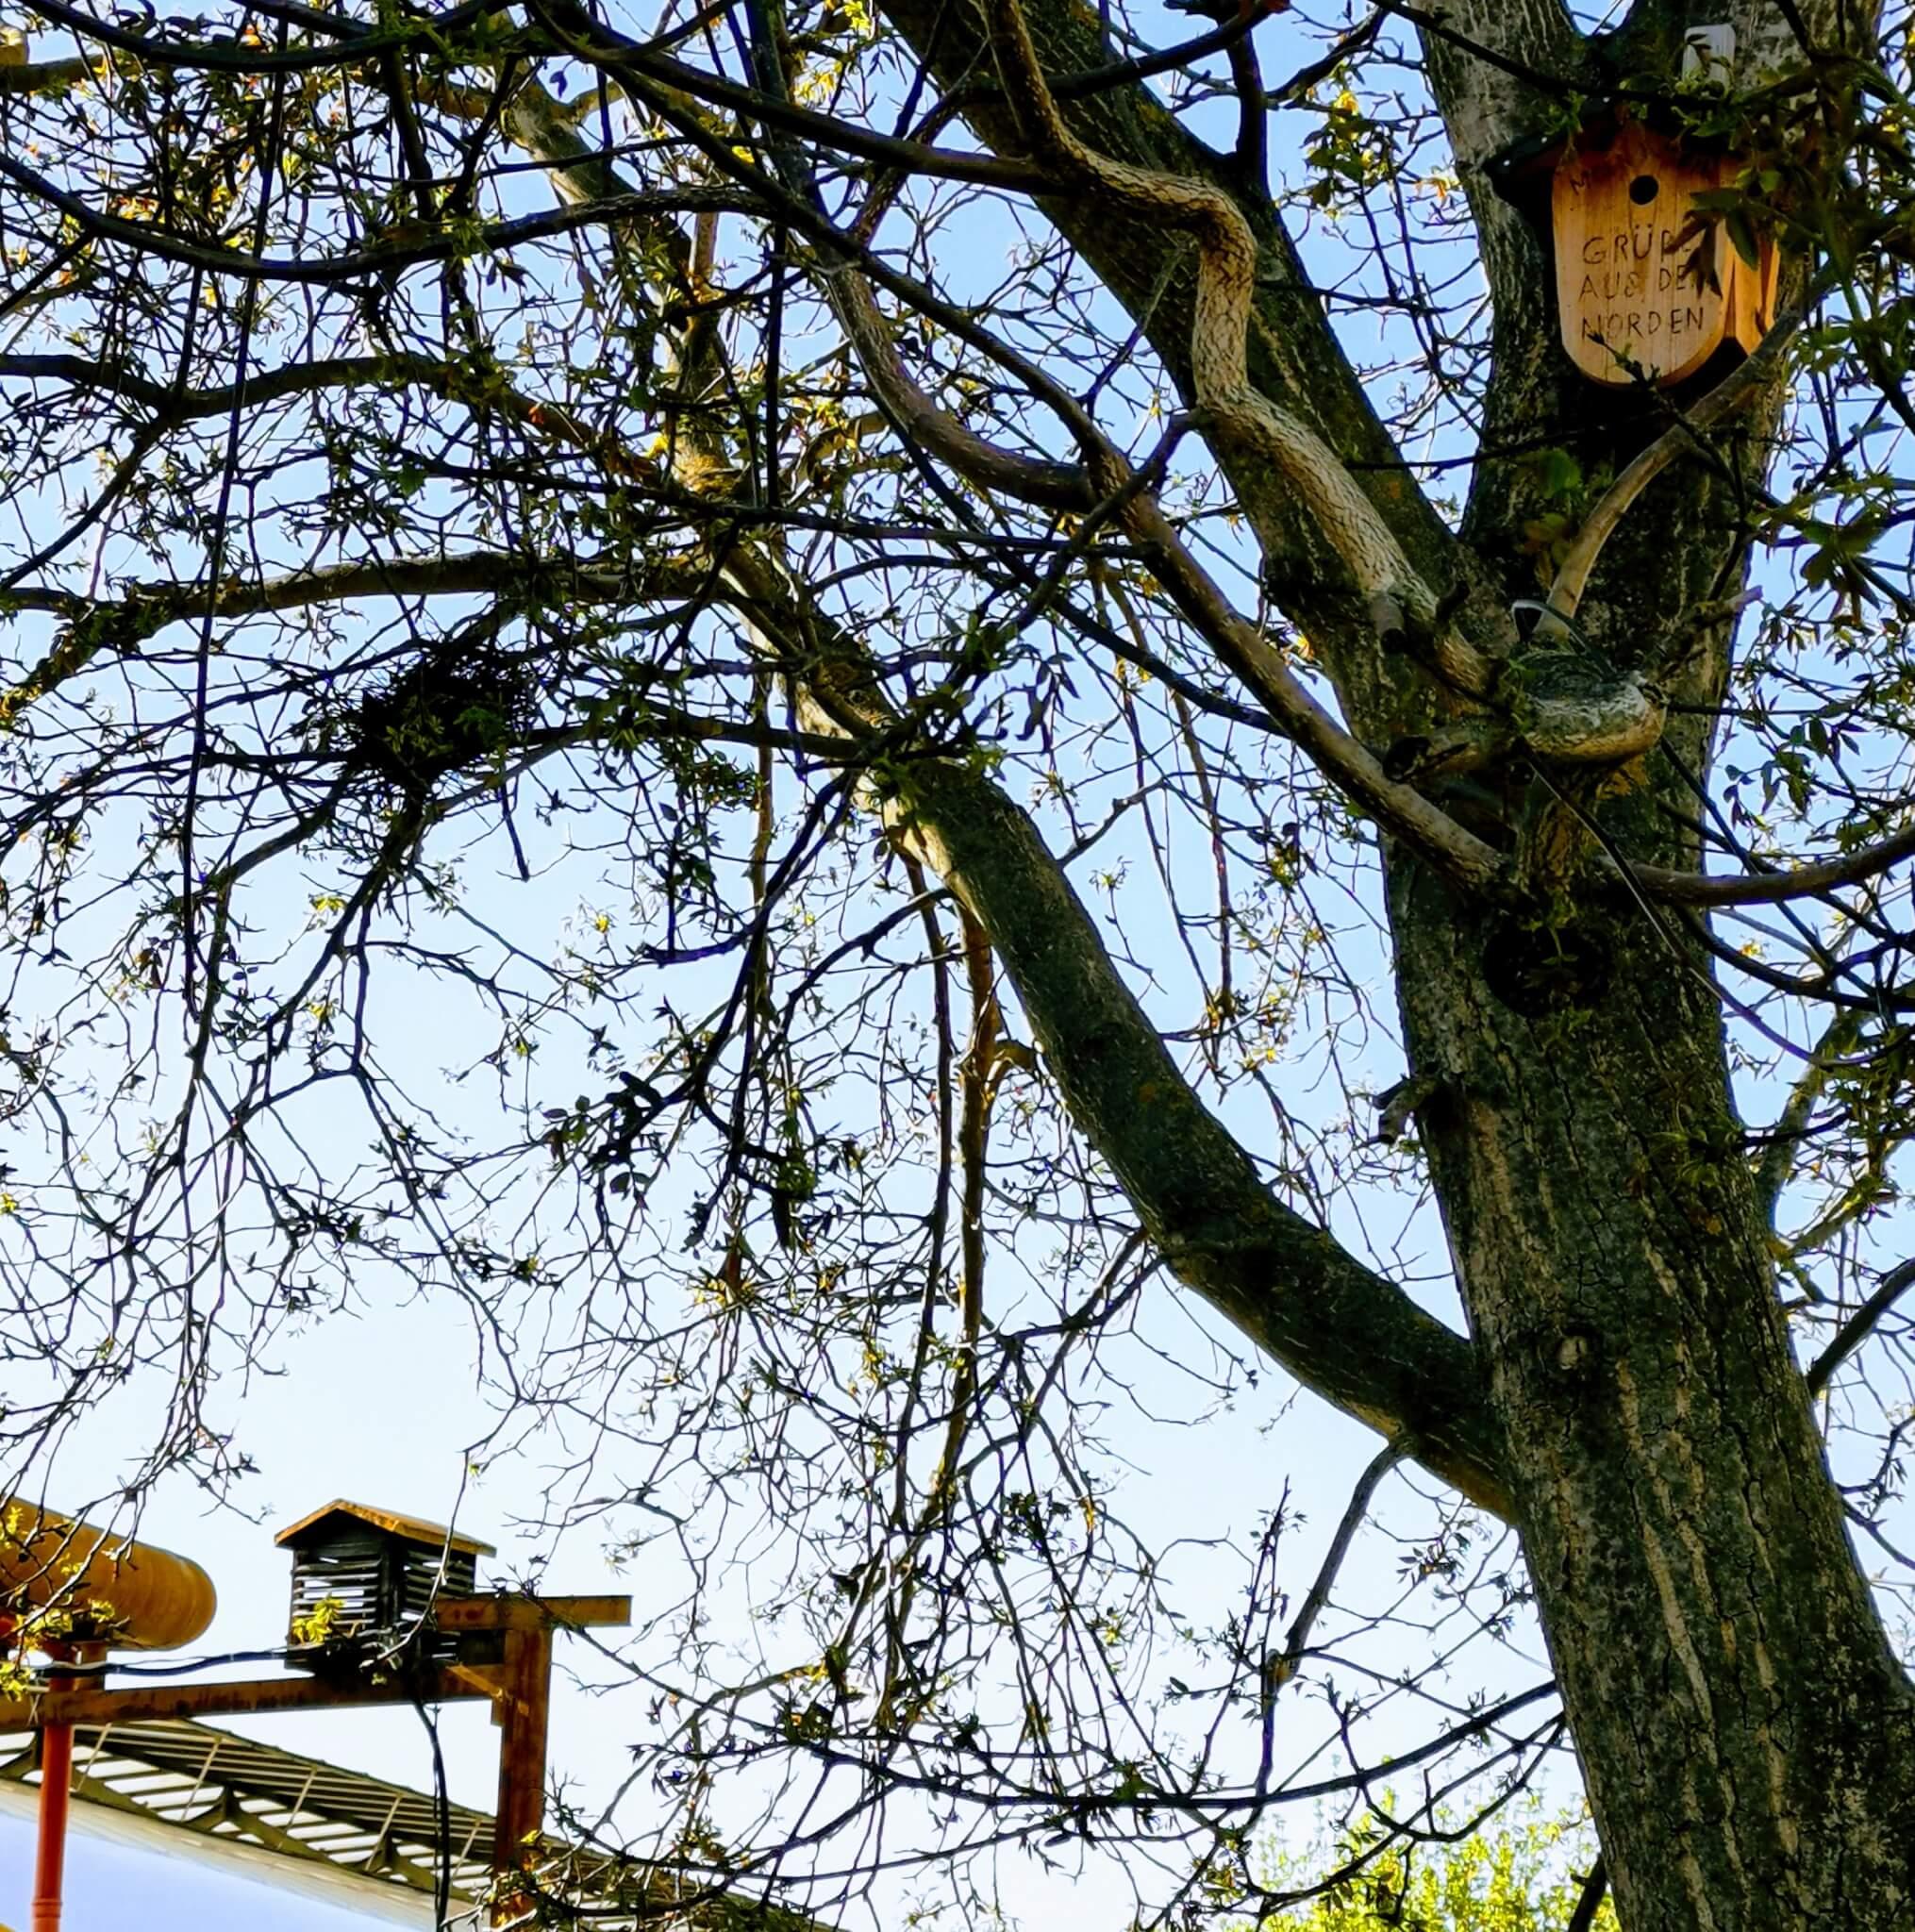 Vogelhäuschen im Walnussbaum von der Nordsee